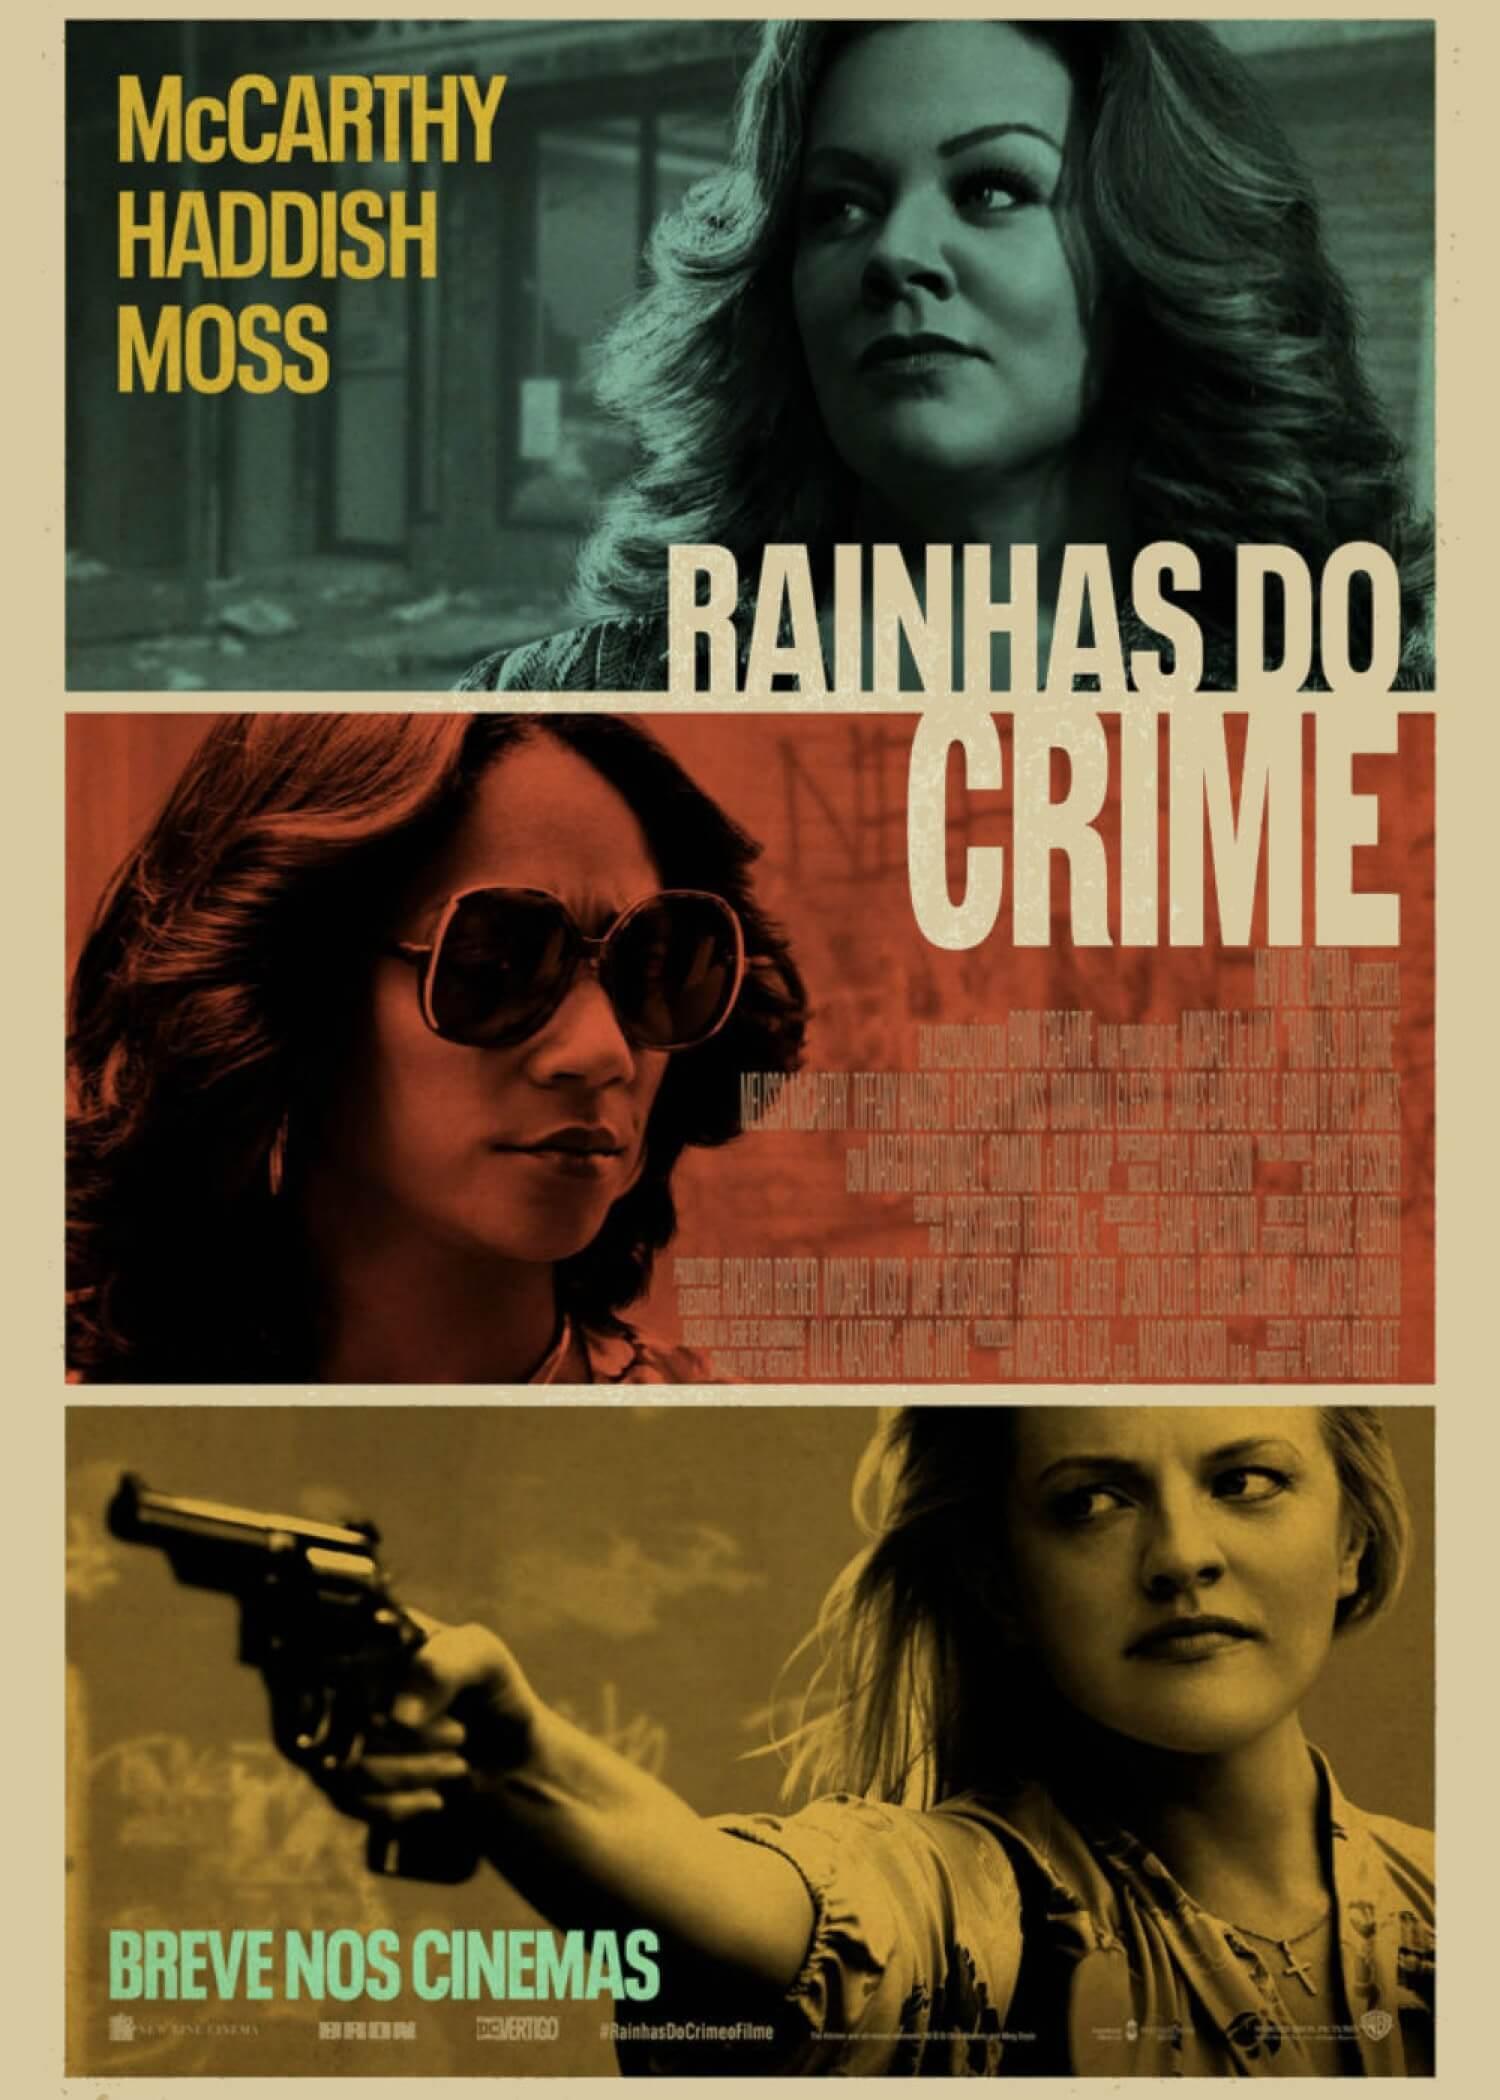 Crítica Rainhas do Crime, Rainhas do Crime, Elizabeth Moss, Melissa McCarthy, Delfos